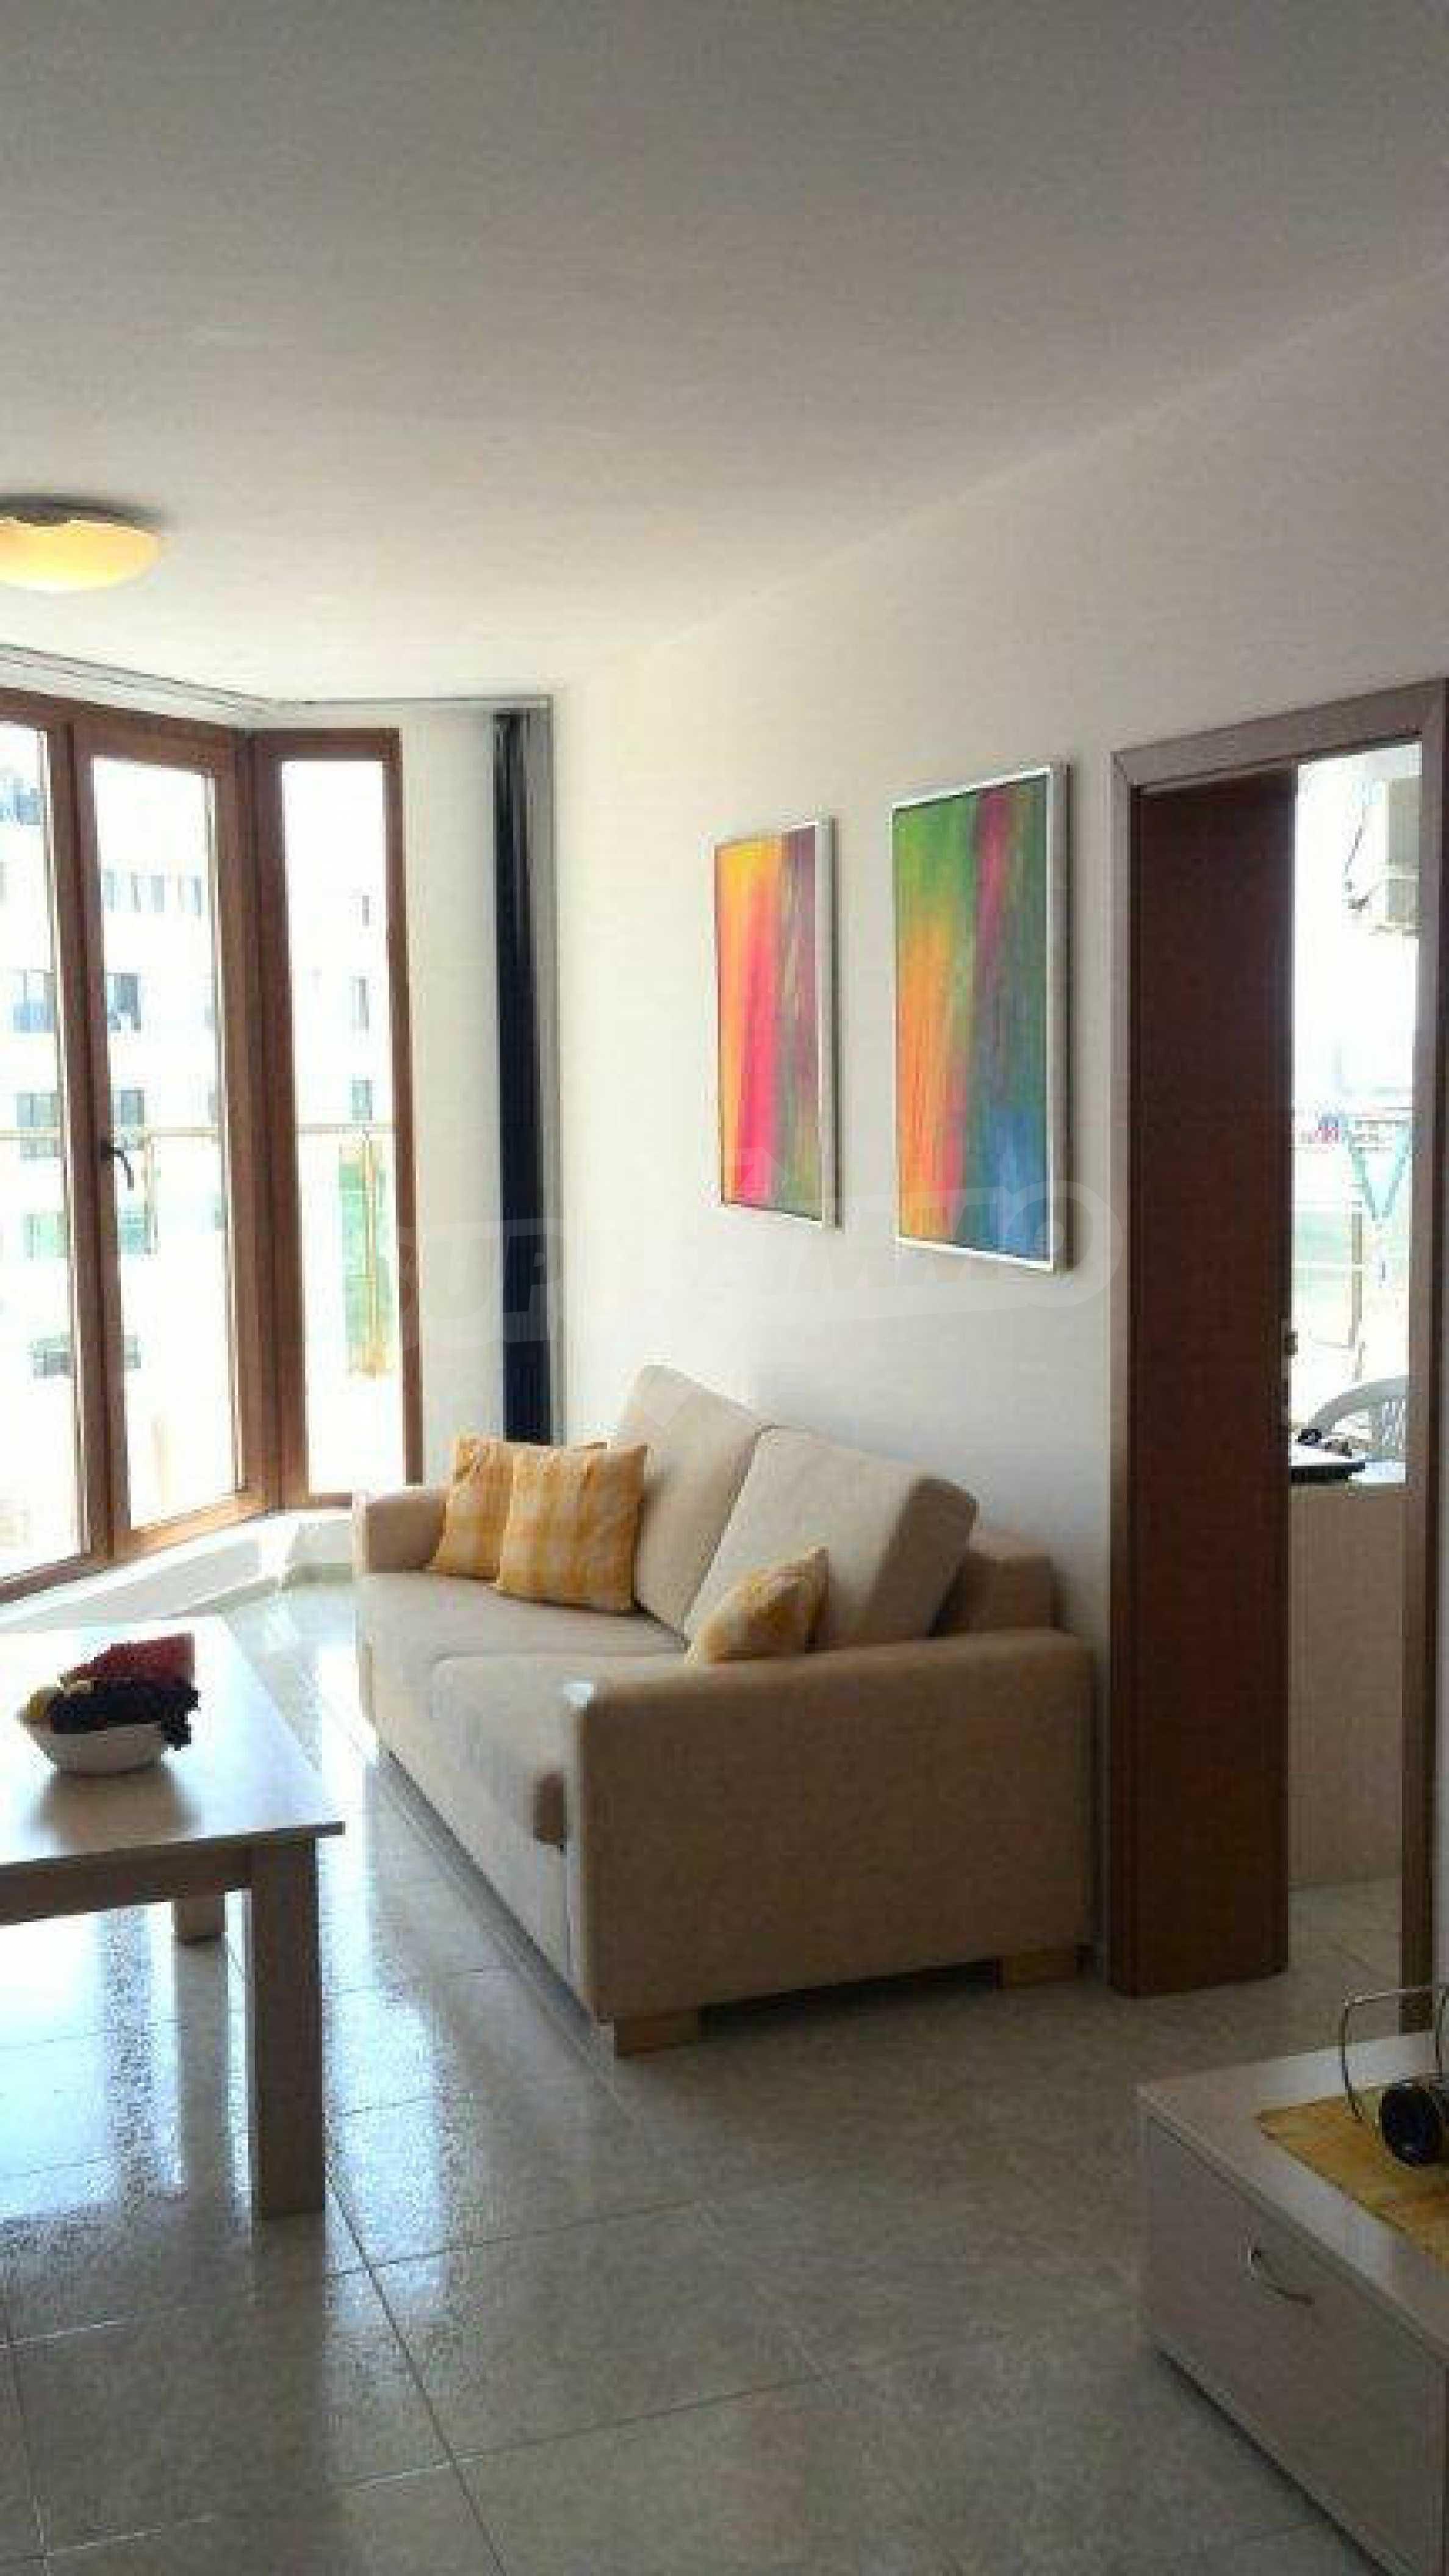 Luxus-Apartment mit zwei Schlafzimmern im Komplex Prestige City 2 in Primorsko 5